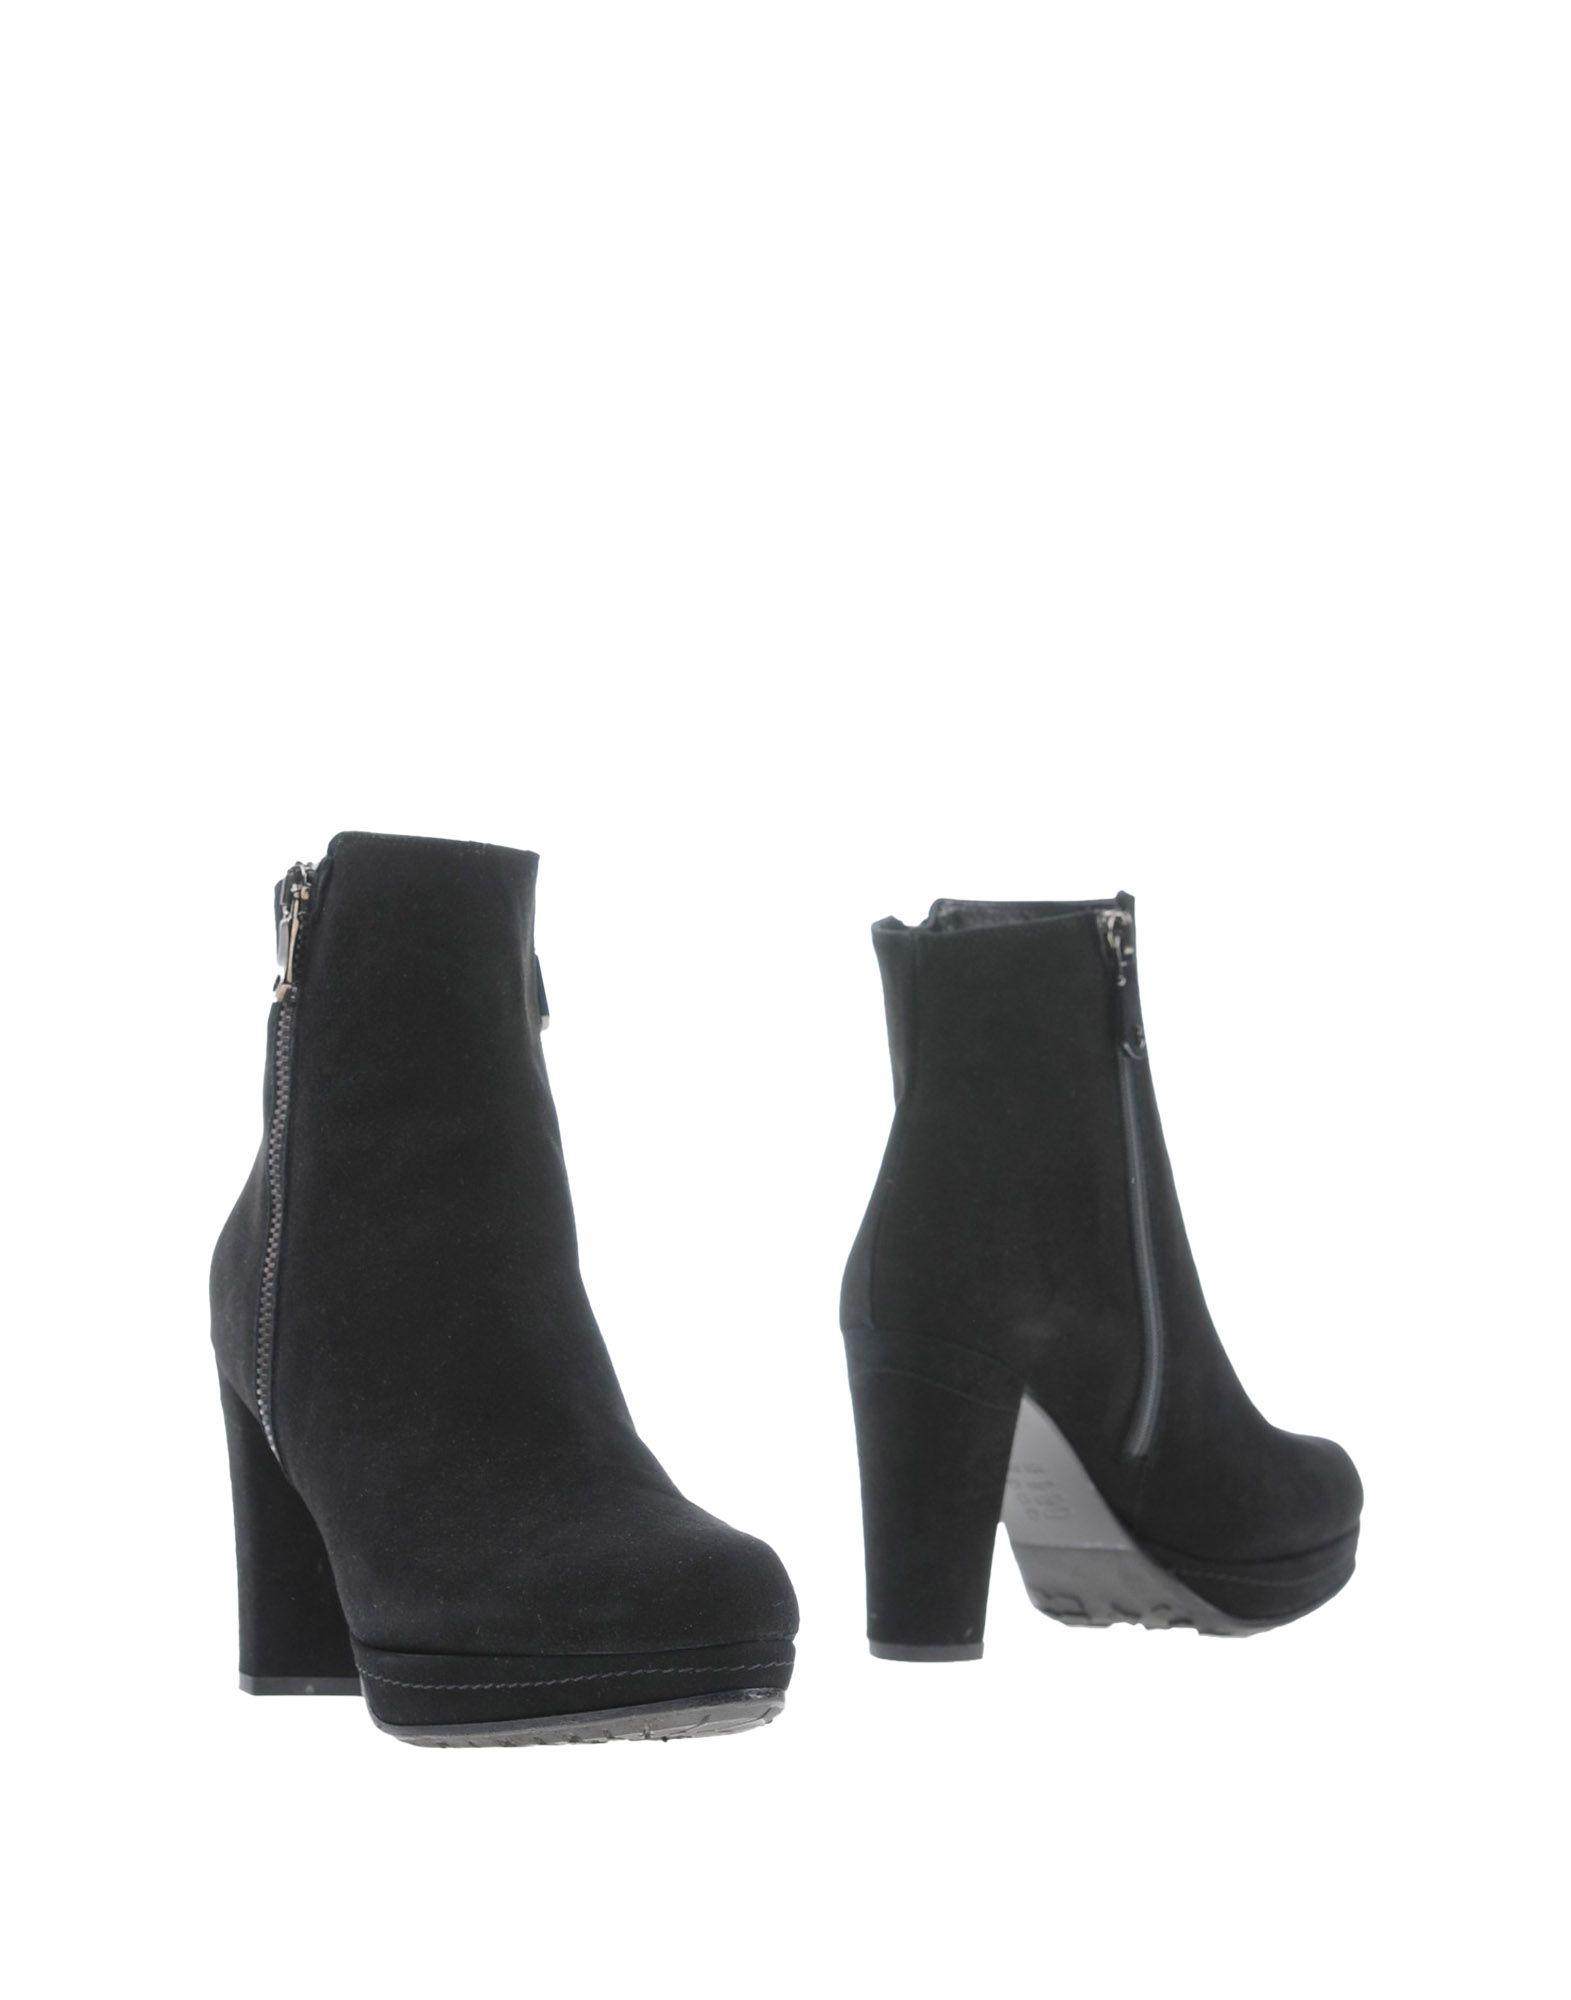 GAIA BARDELLI Damen Stiefelette Farbe Schwarz Größe 7